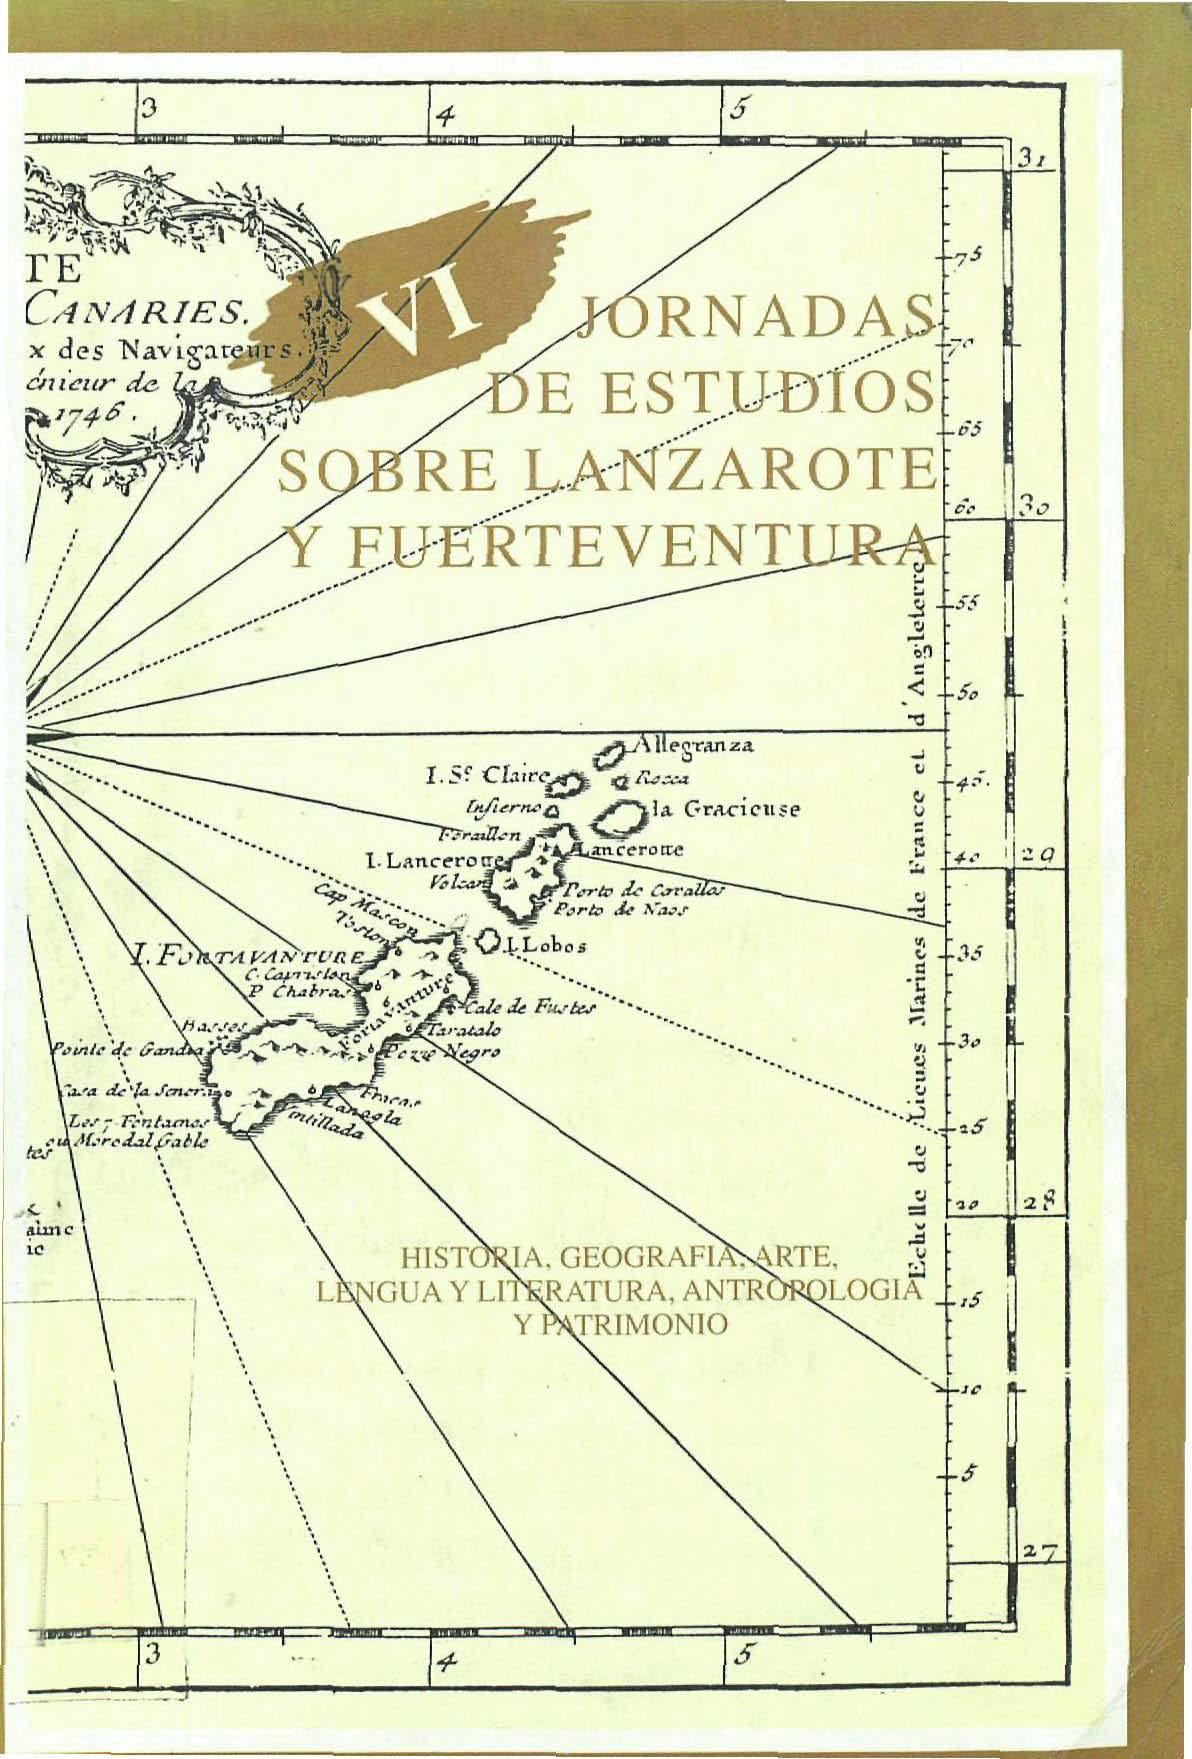 Entre la Ilustración Canaria y las contradicciones de un liberal en la Cuba colonial: la trayectoria intelectual del lanzaroteño Francisco Guerra Bethencourt